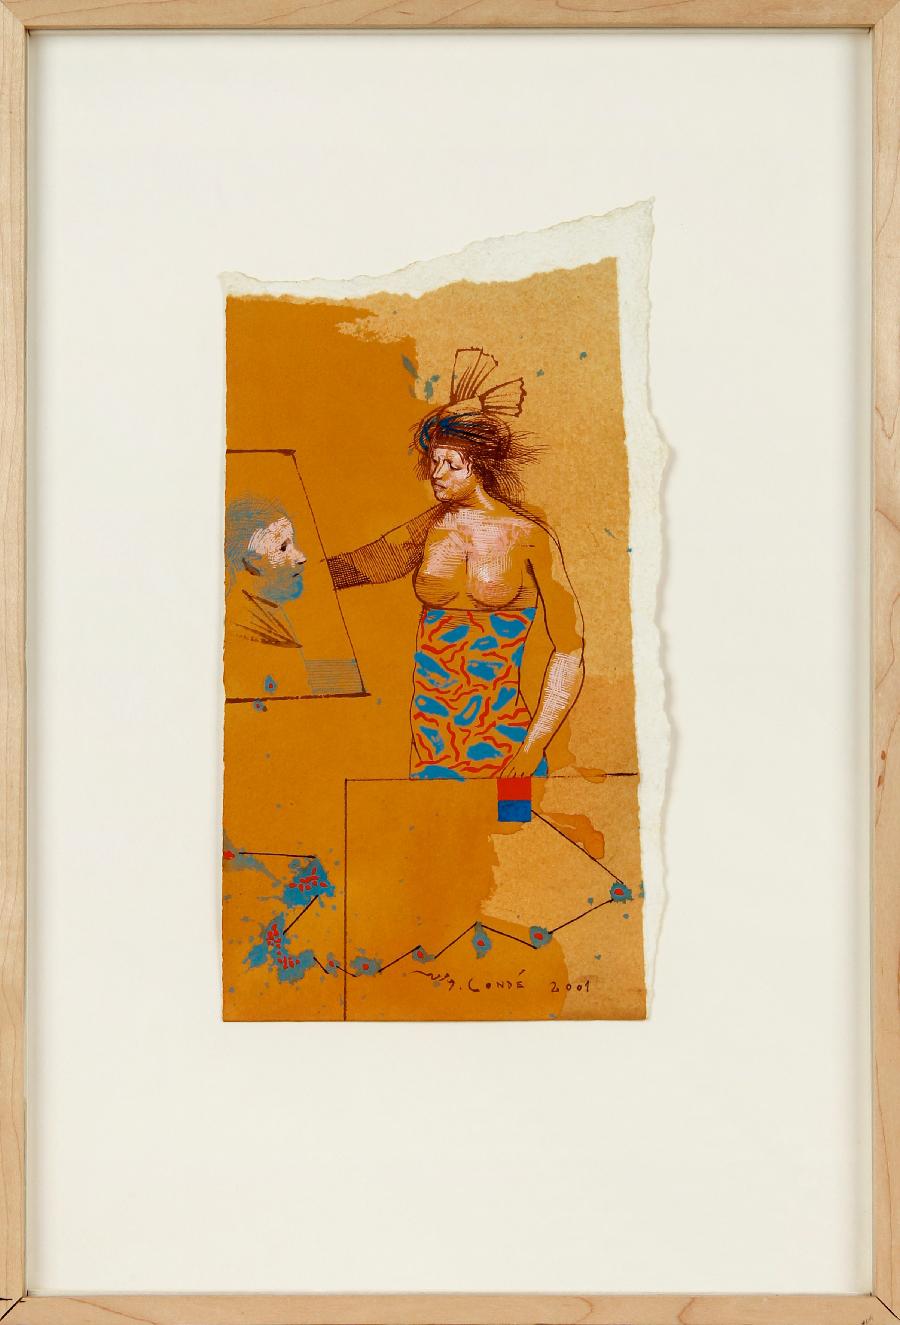 S/T (2001) - Miguel Condé